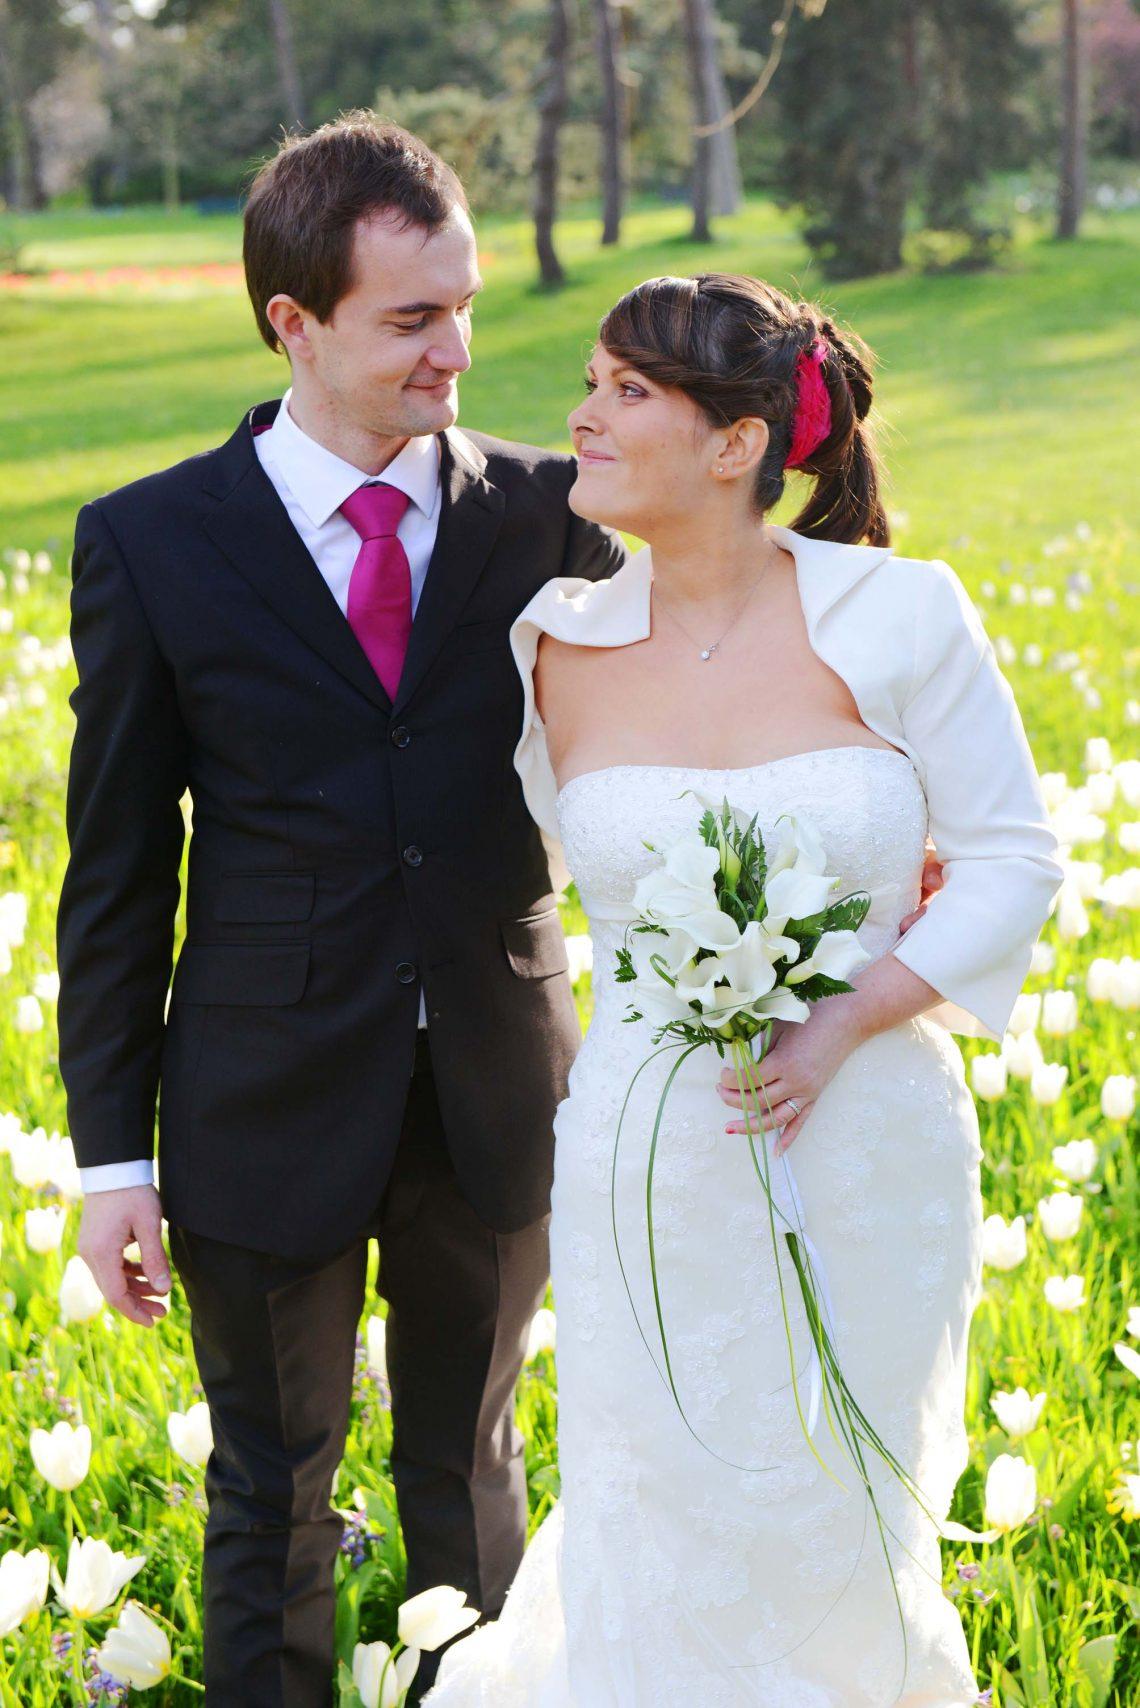 Wedding M&S in a field of flowers